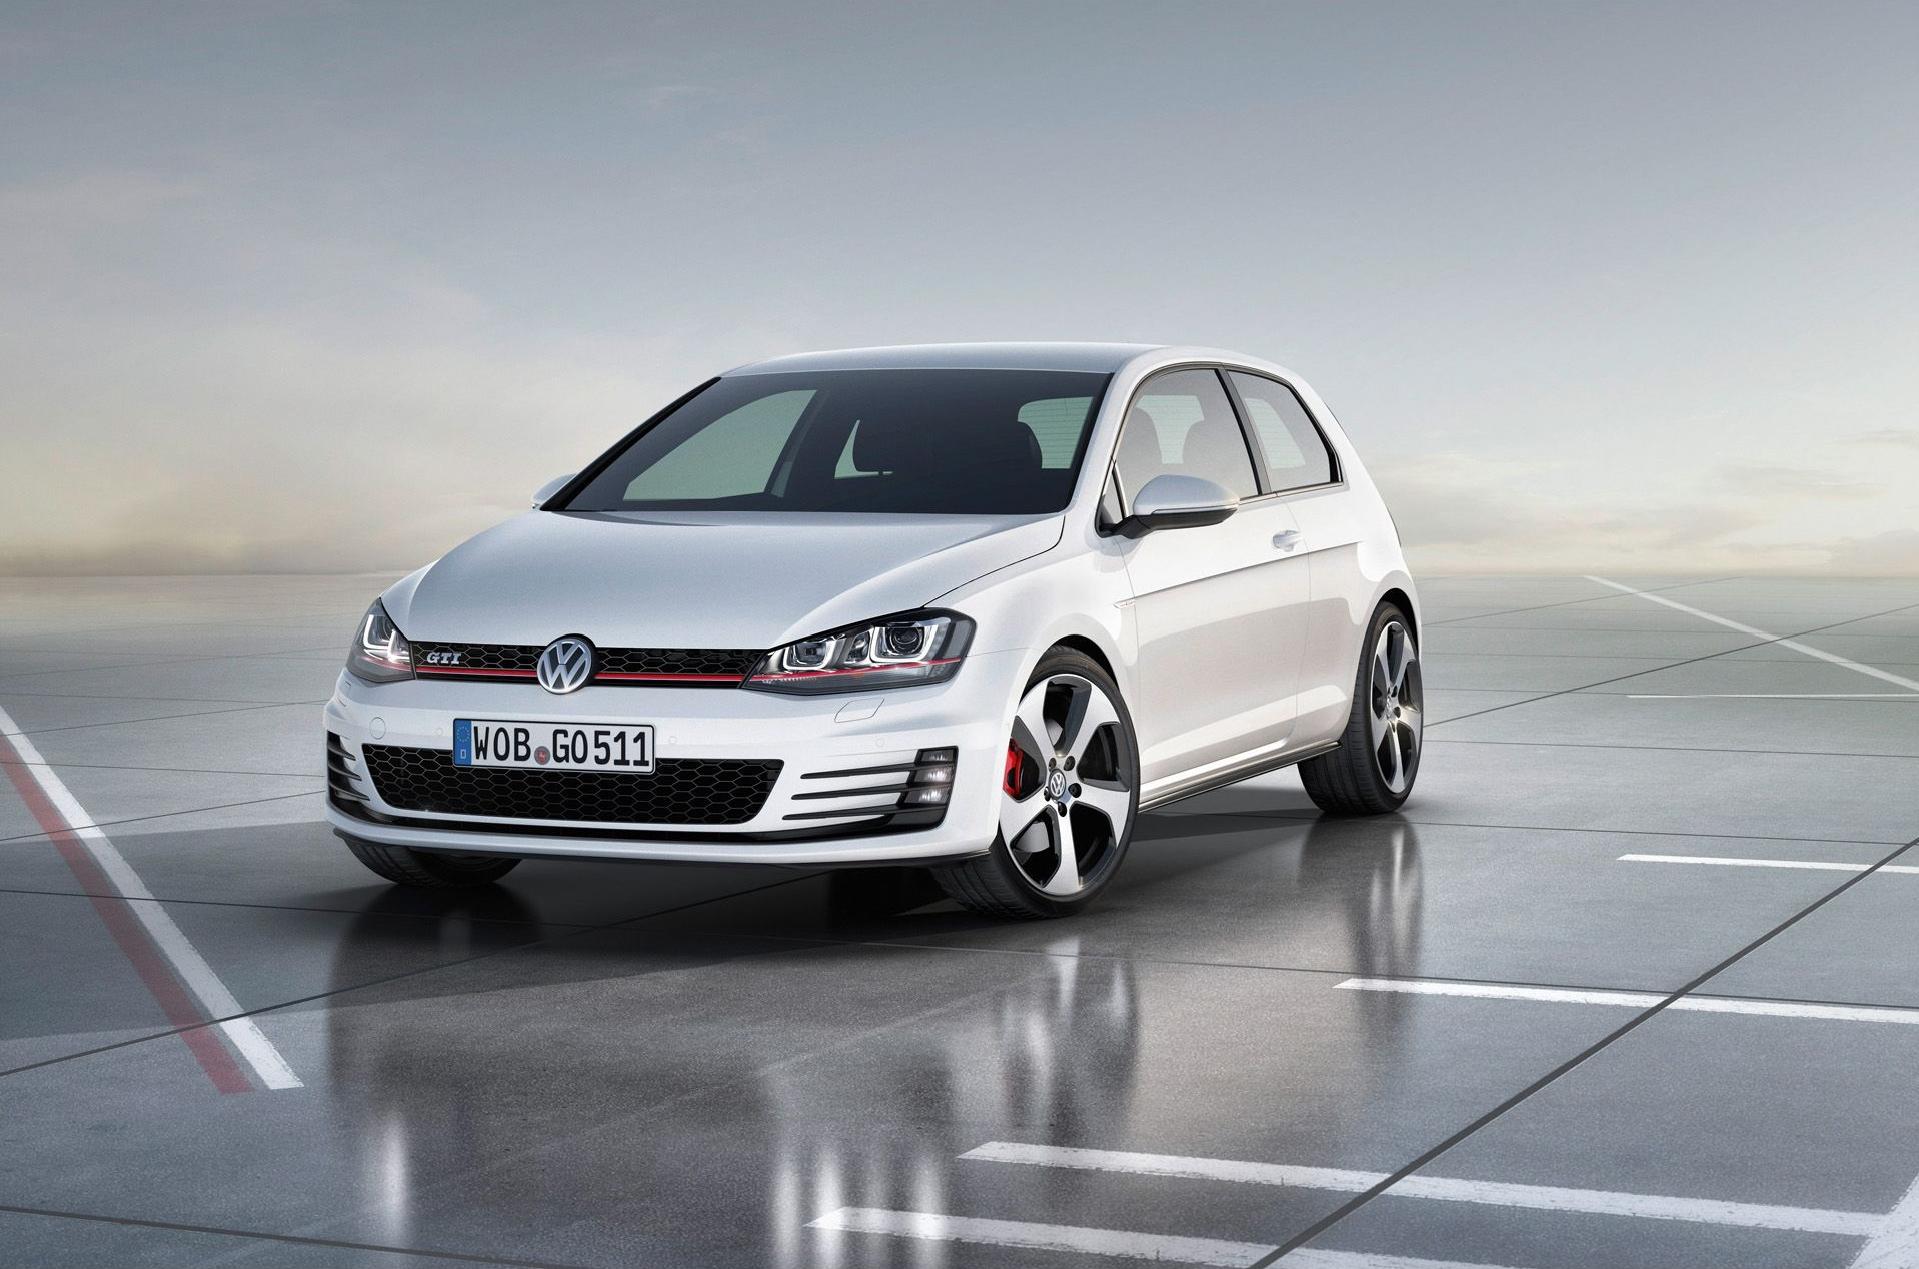 Volkswagen Golf Wallpapers Hd